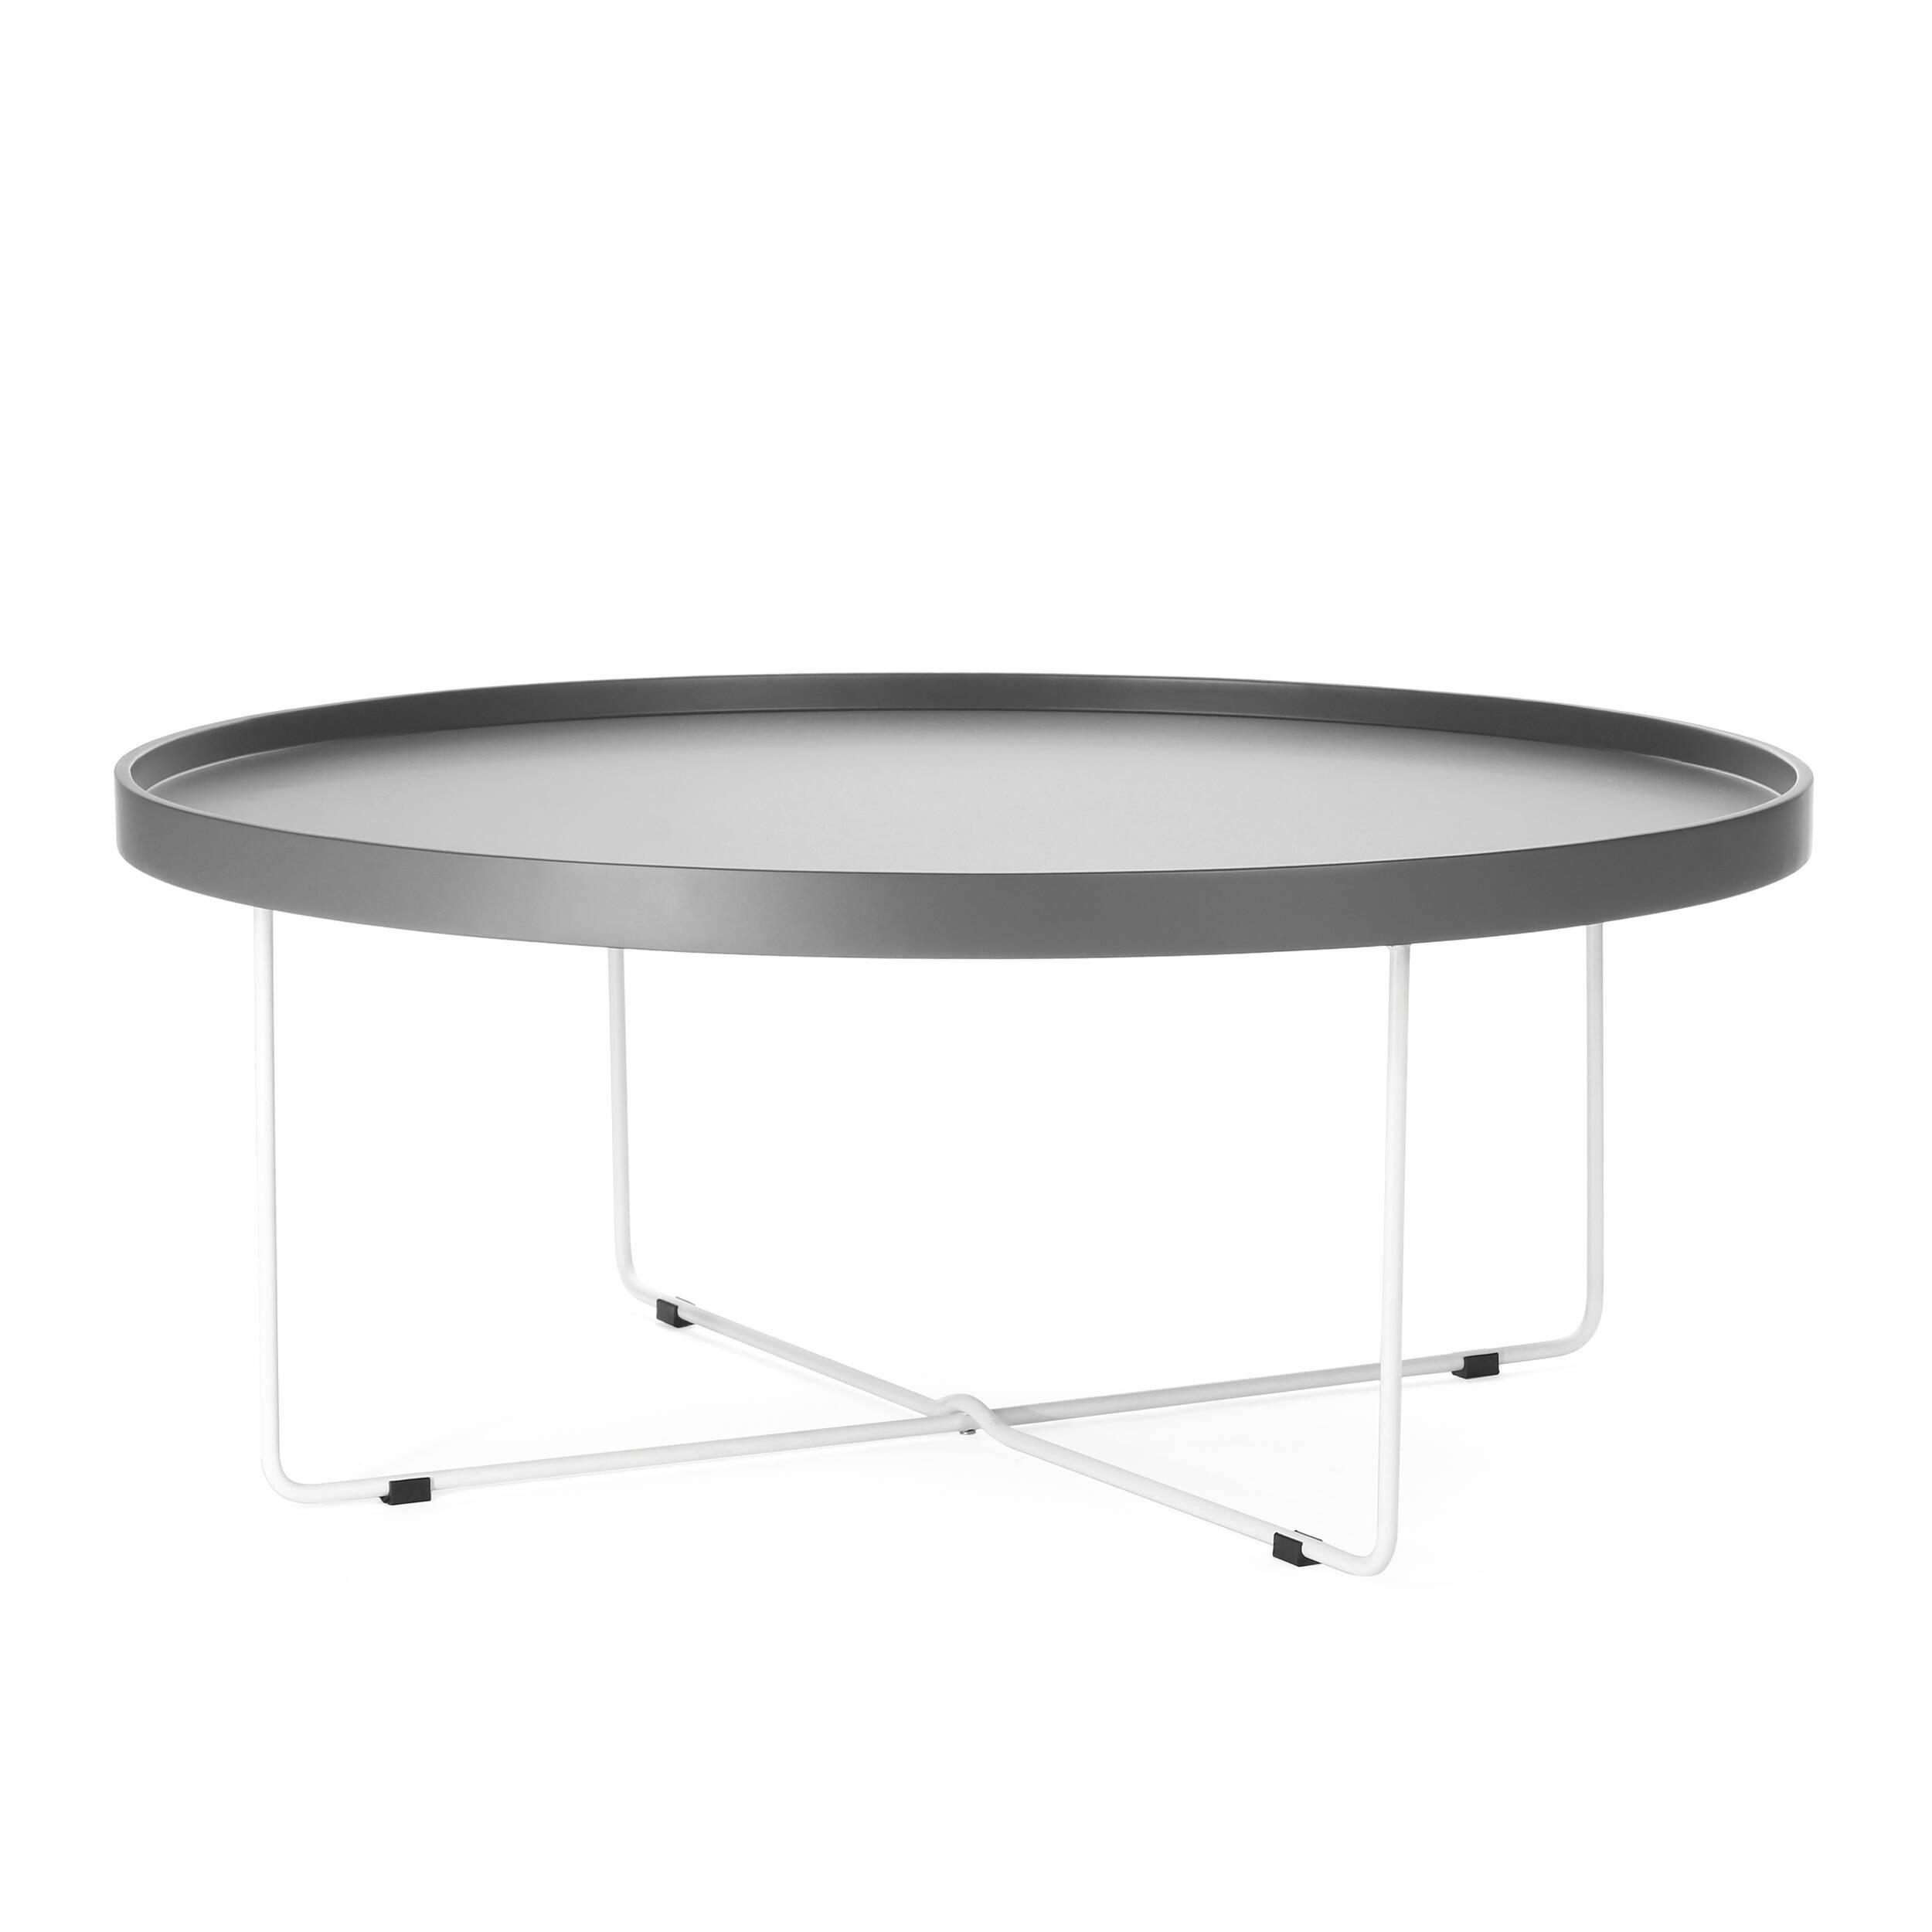 Кофейный стол SparkleКофейные столики<br>Дизайнерский большой легкий кофейный стол Sparkle (Спаркл) на стальных ножках от Cosmo (Космо).<br><br>Кофейный стол Sparkle — предмет, который с легкостью может стать полезным не только в интерьере. Благодаря тому, что он практически невесом, его можно переносить, брать с собой на пикники или в походы. Представьте себе романтическое свидание на берегу живописного озера: щебет птиц, ароматные напитки, свежий воздух... ну и конечно же оригинальный кофейный стол Sparkle! <br> <br> Столешницу Sparkle ...<br><br>stock: 0<br>Высота: 37<br>Диаметр: 90<br>Цвет ножек: Белый<br>Цвет столешницы: Холодный серый<br>Тип материала столешницы: МДФ<br>Тип материала ножек: Сталь